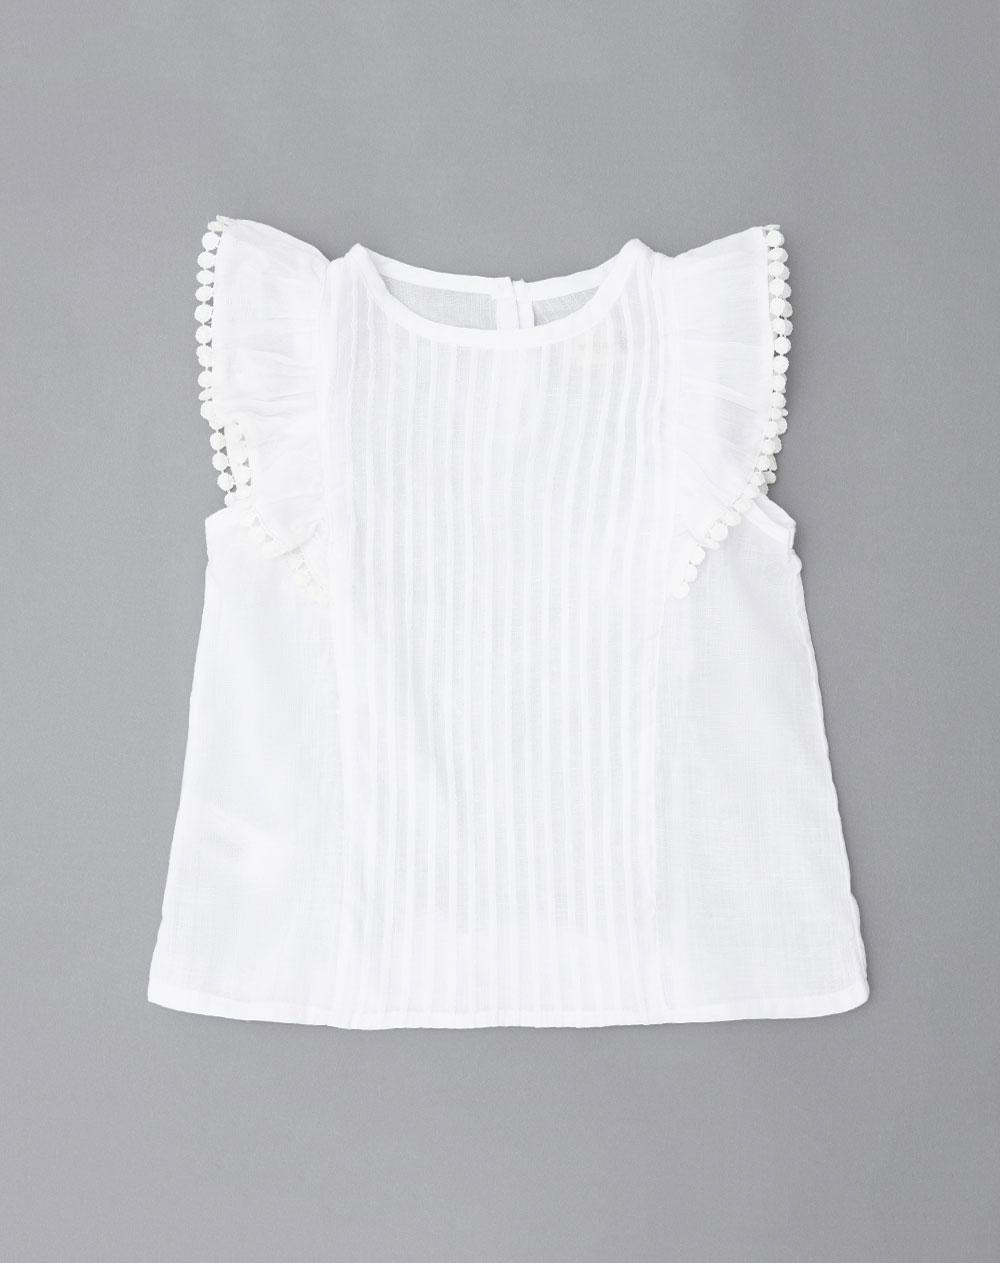 cc196d30a2e93 Camisa para Bebé Niña Dochi Blanca Baby Fresh